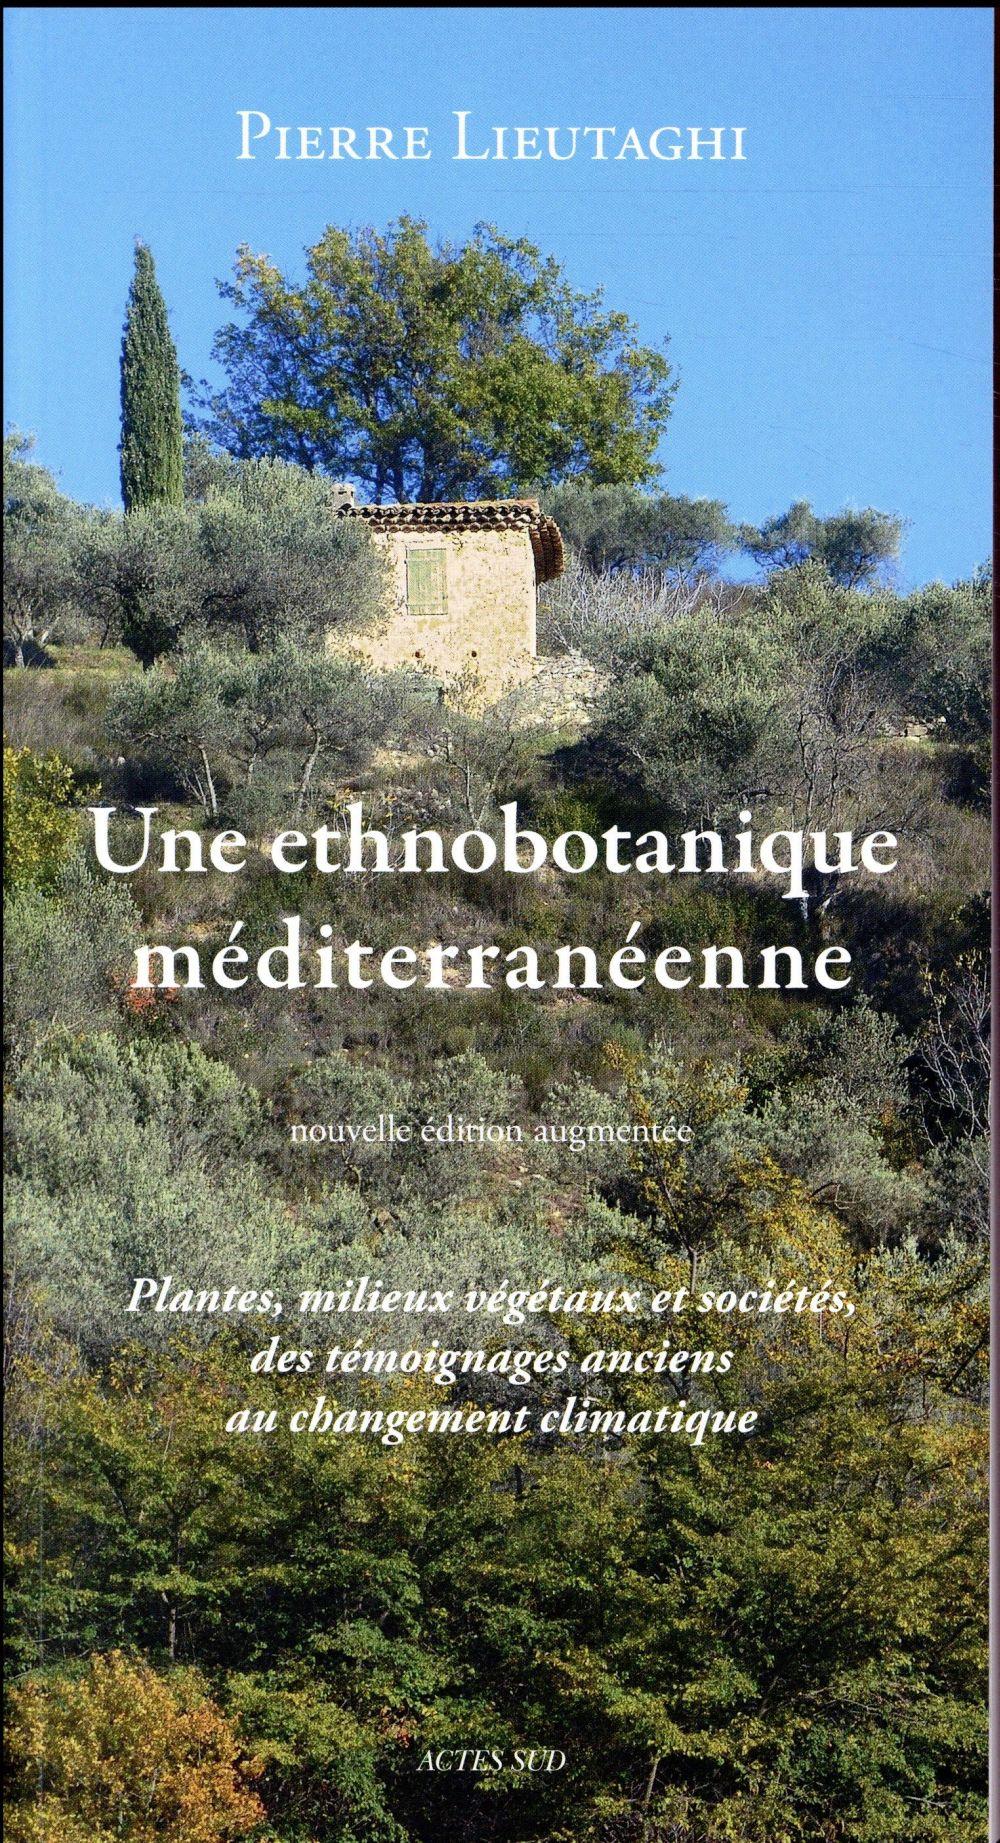 UNE ETHNOBOTANIQUE MEDITERRANEENNE PLANTES, MILIEUX VEGETAUX ET SOCIETES, DES TEMOIGNAGES ANCIENS AU